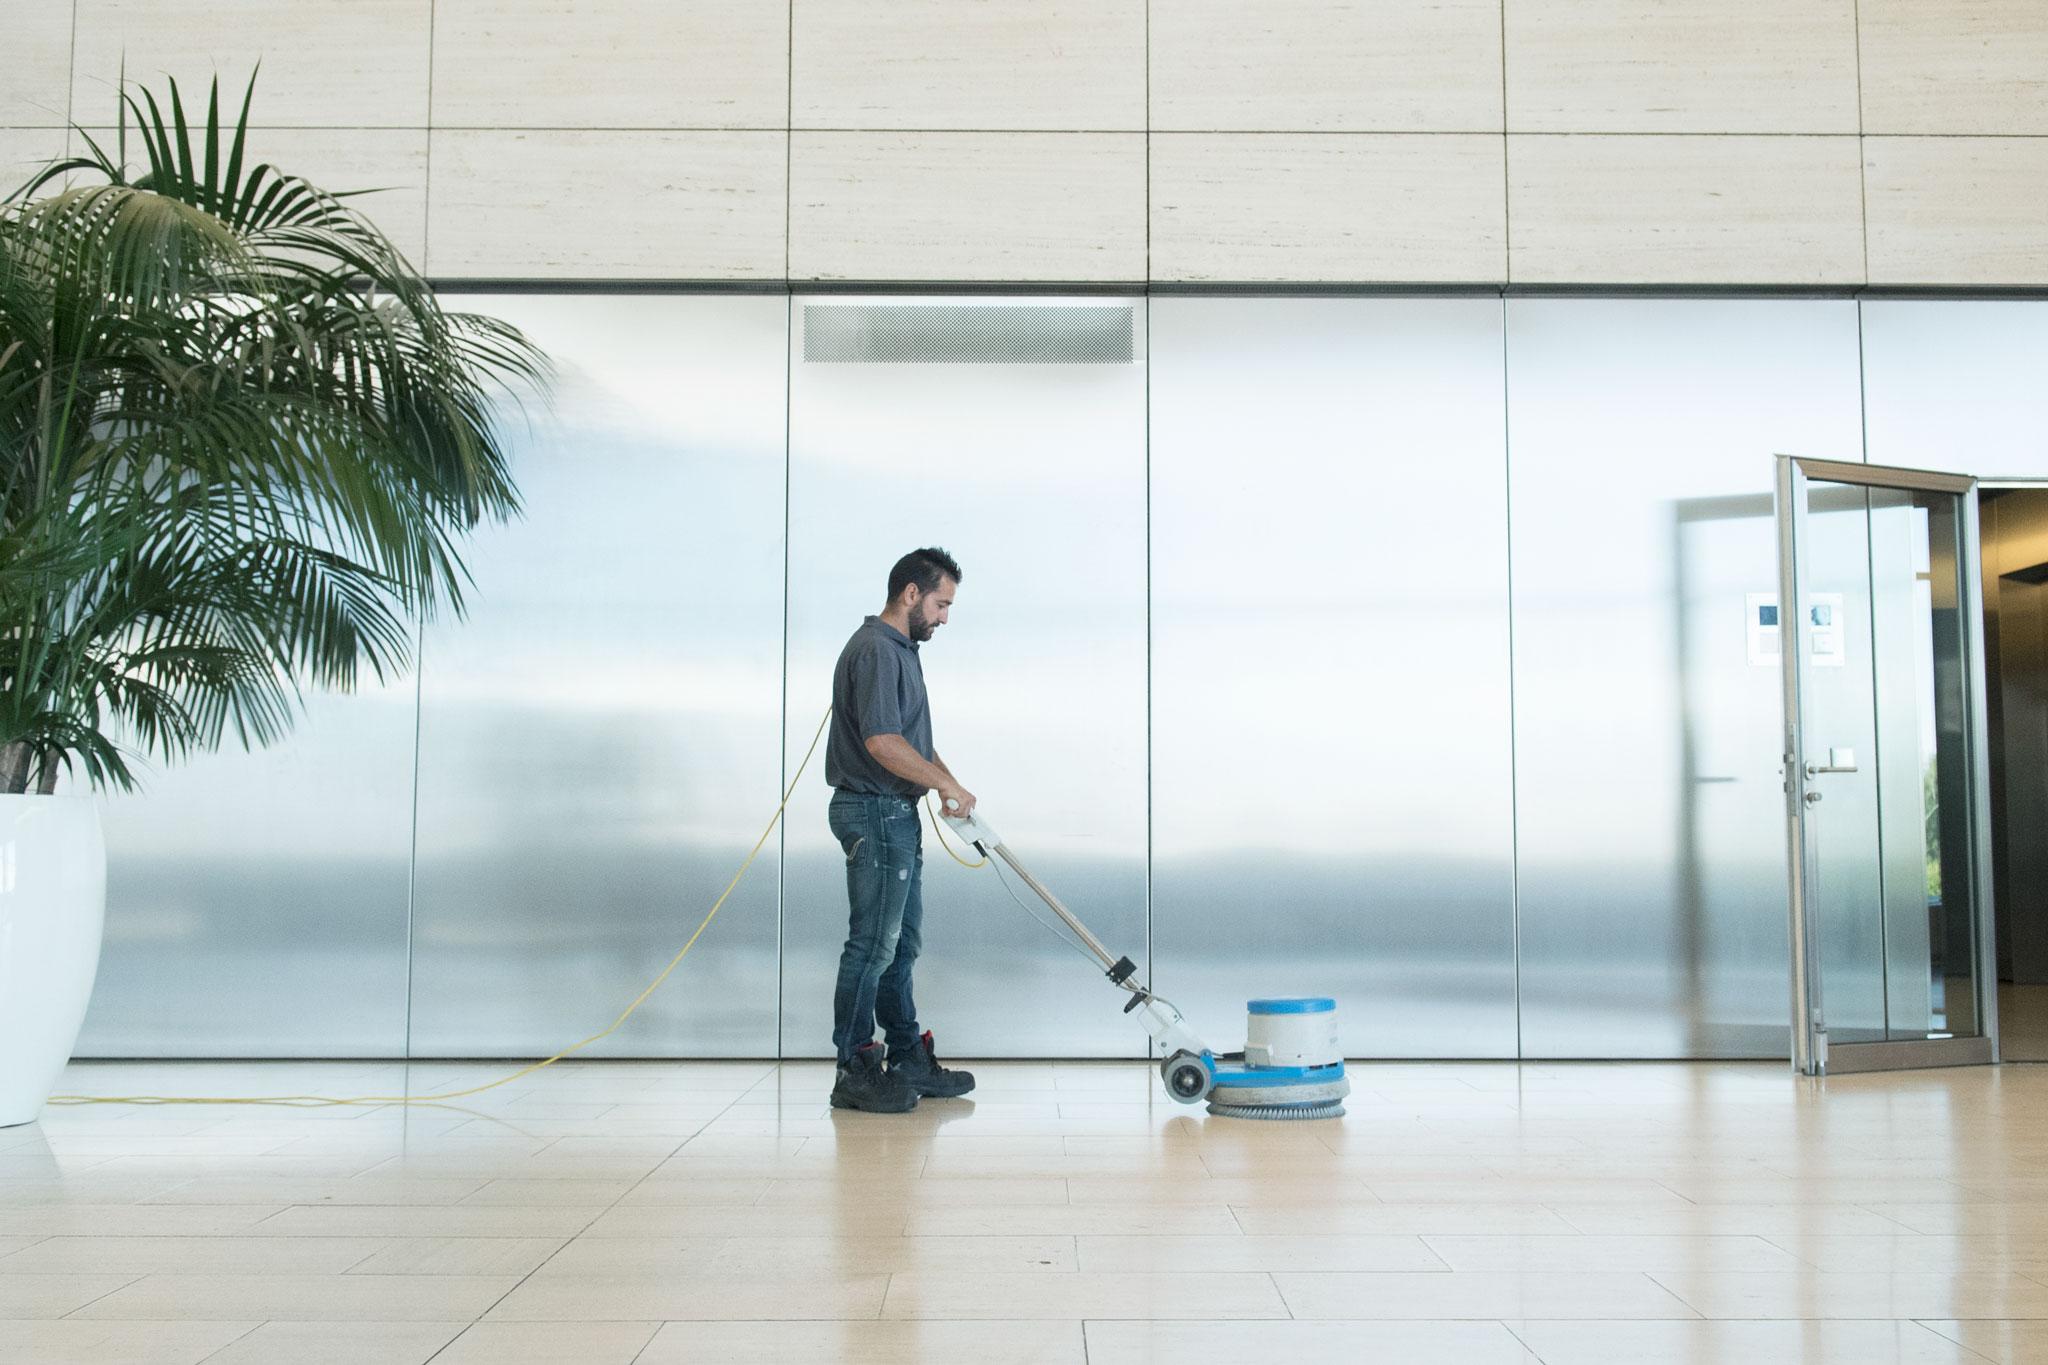 Agent de maintenance - Nettoyage sol professionel